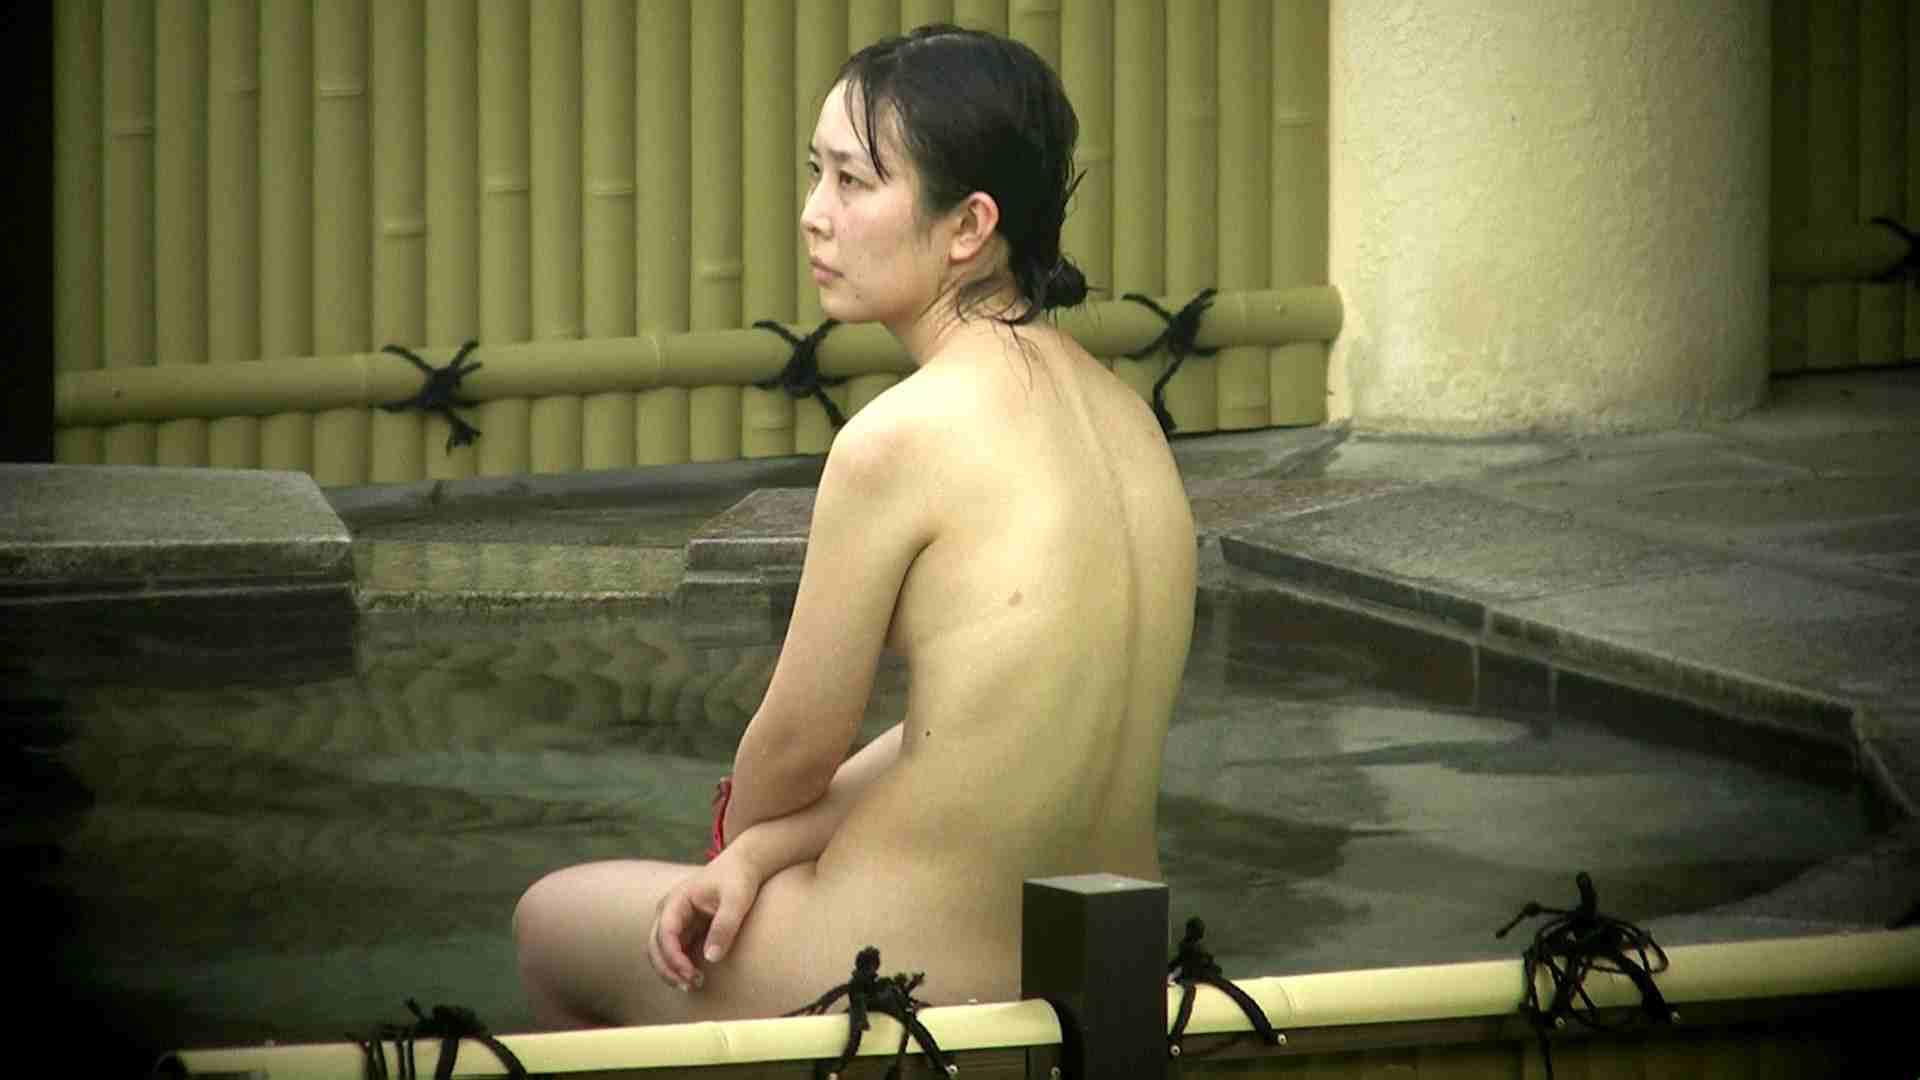 Aquaな露天風呂Vol.635 盗撮 | 露天  78pic 7